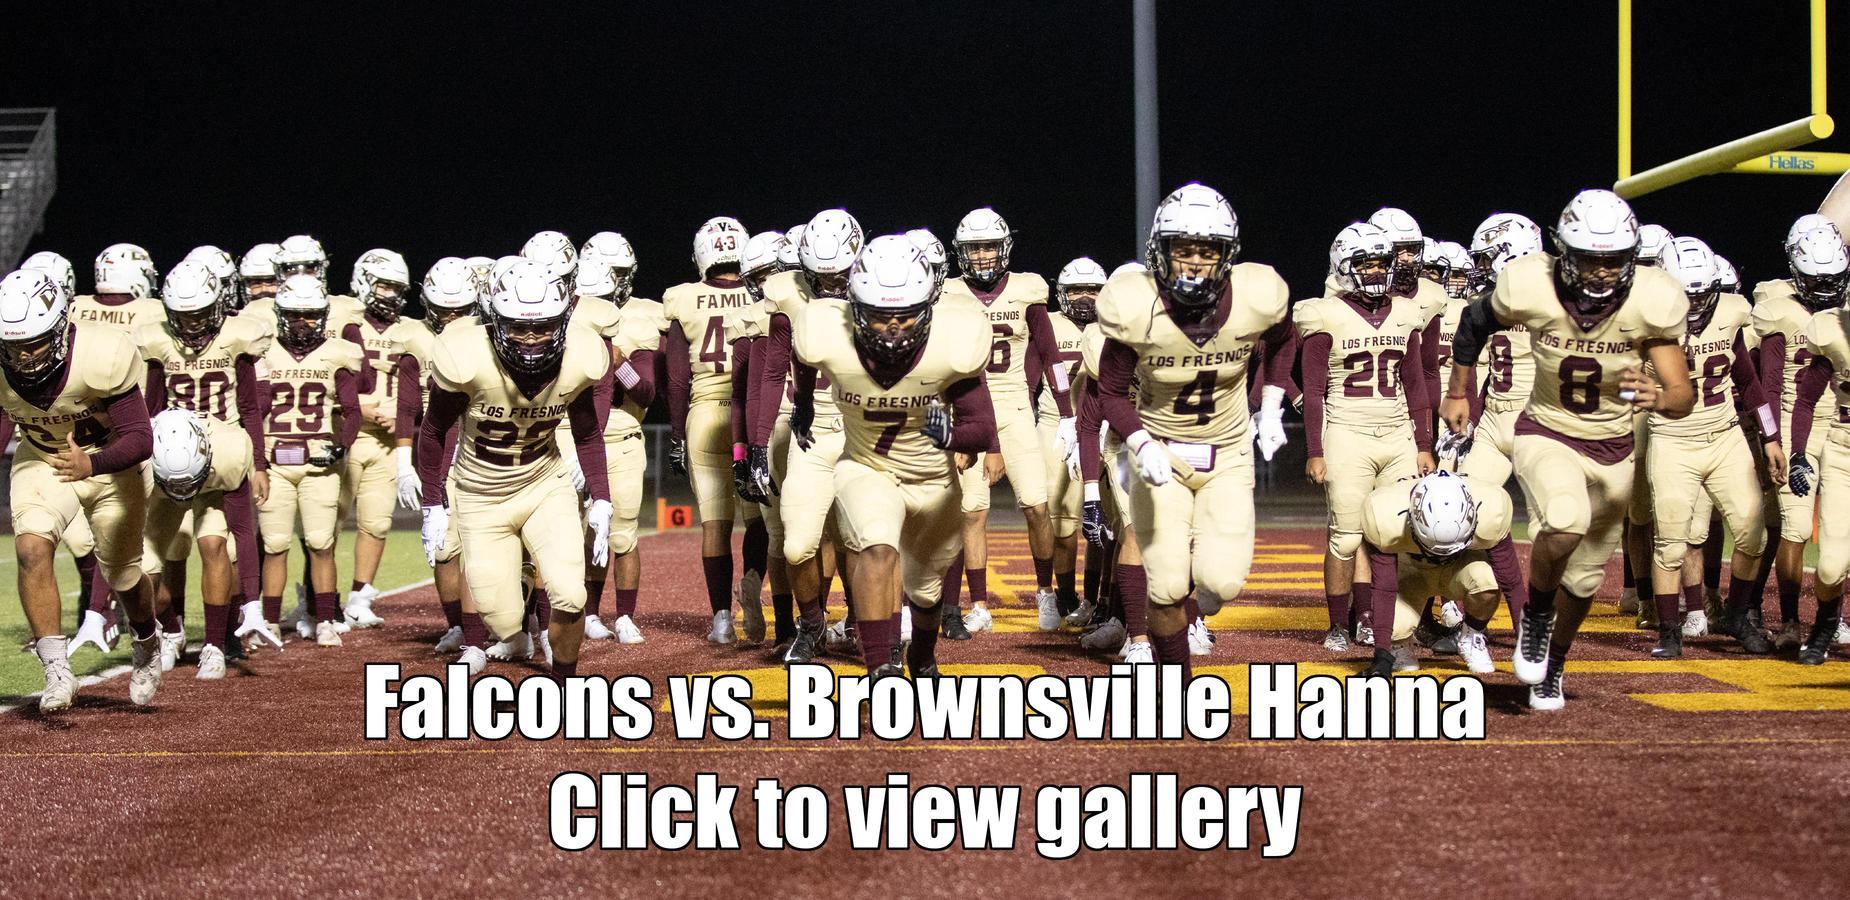 VS brownsville hanna gallery